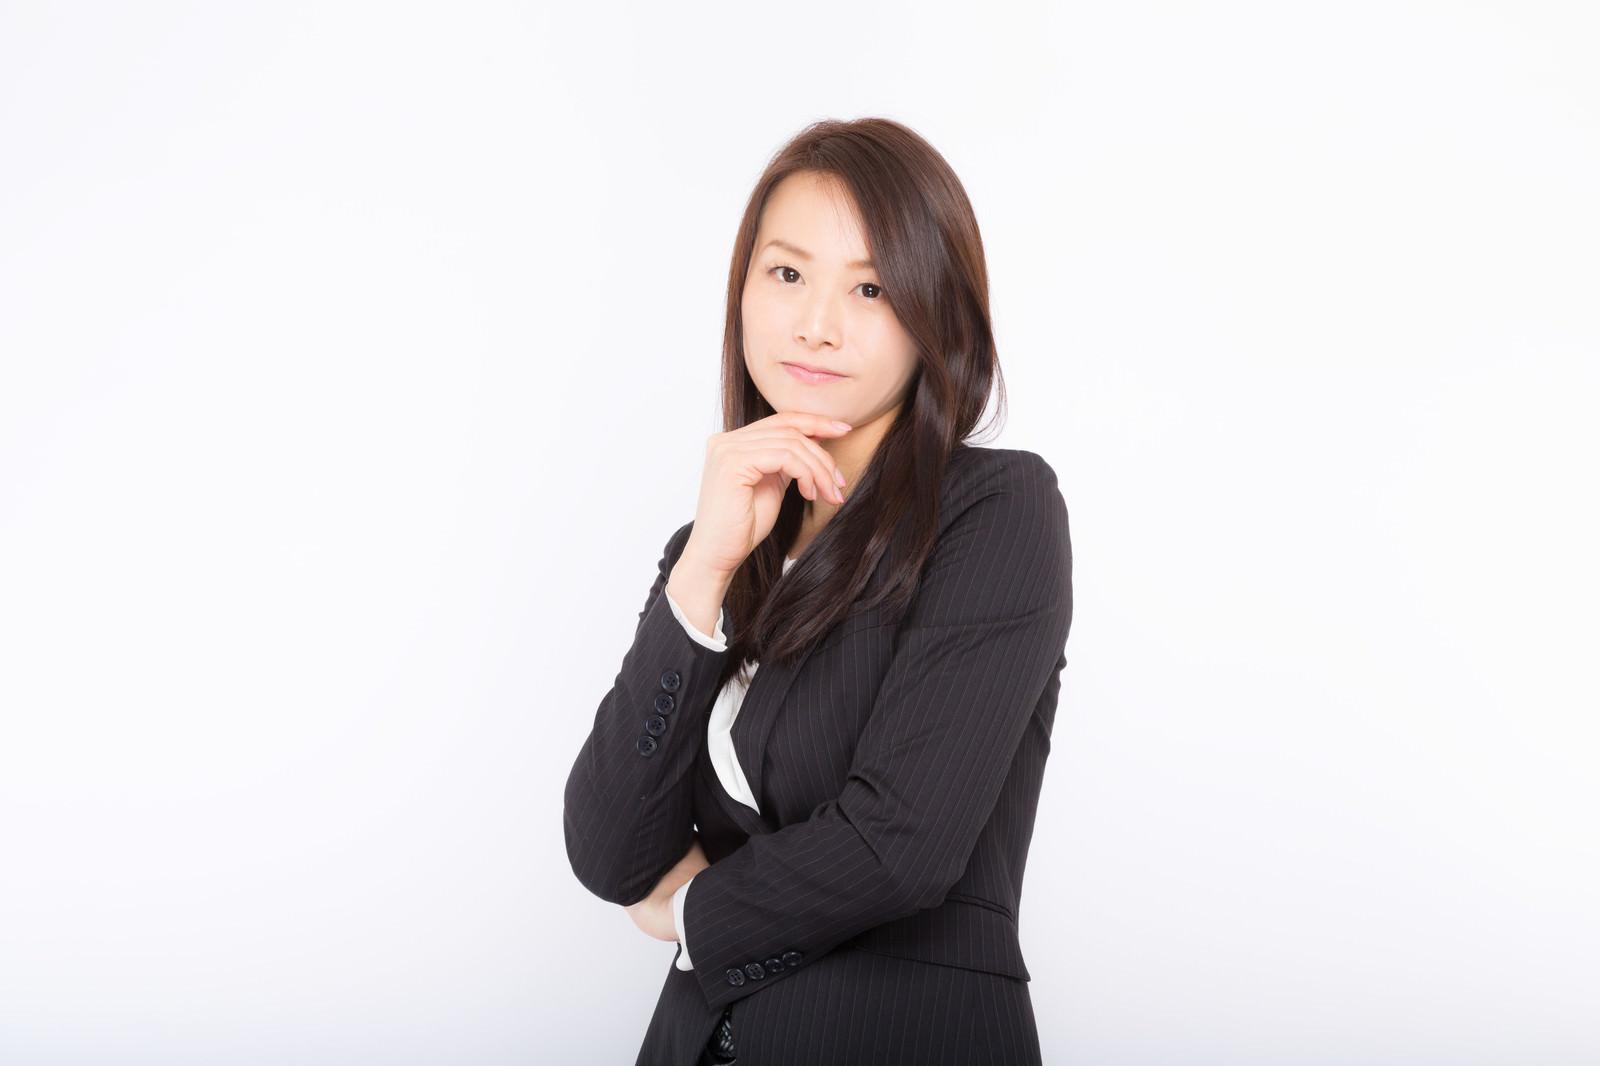 「ビジネスに成功した系の女性ビジネスに成功した系の女性」[モデル:土本寛子]のフリー写真素材を拡大